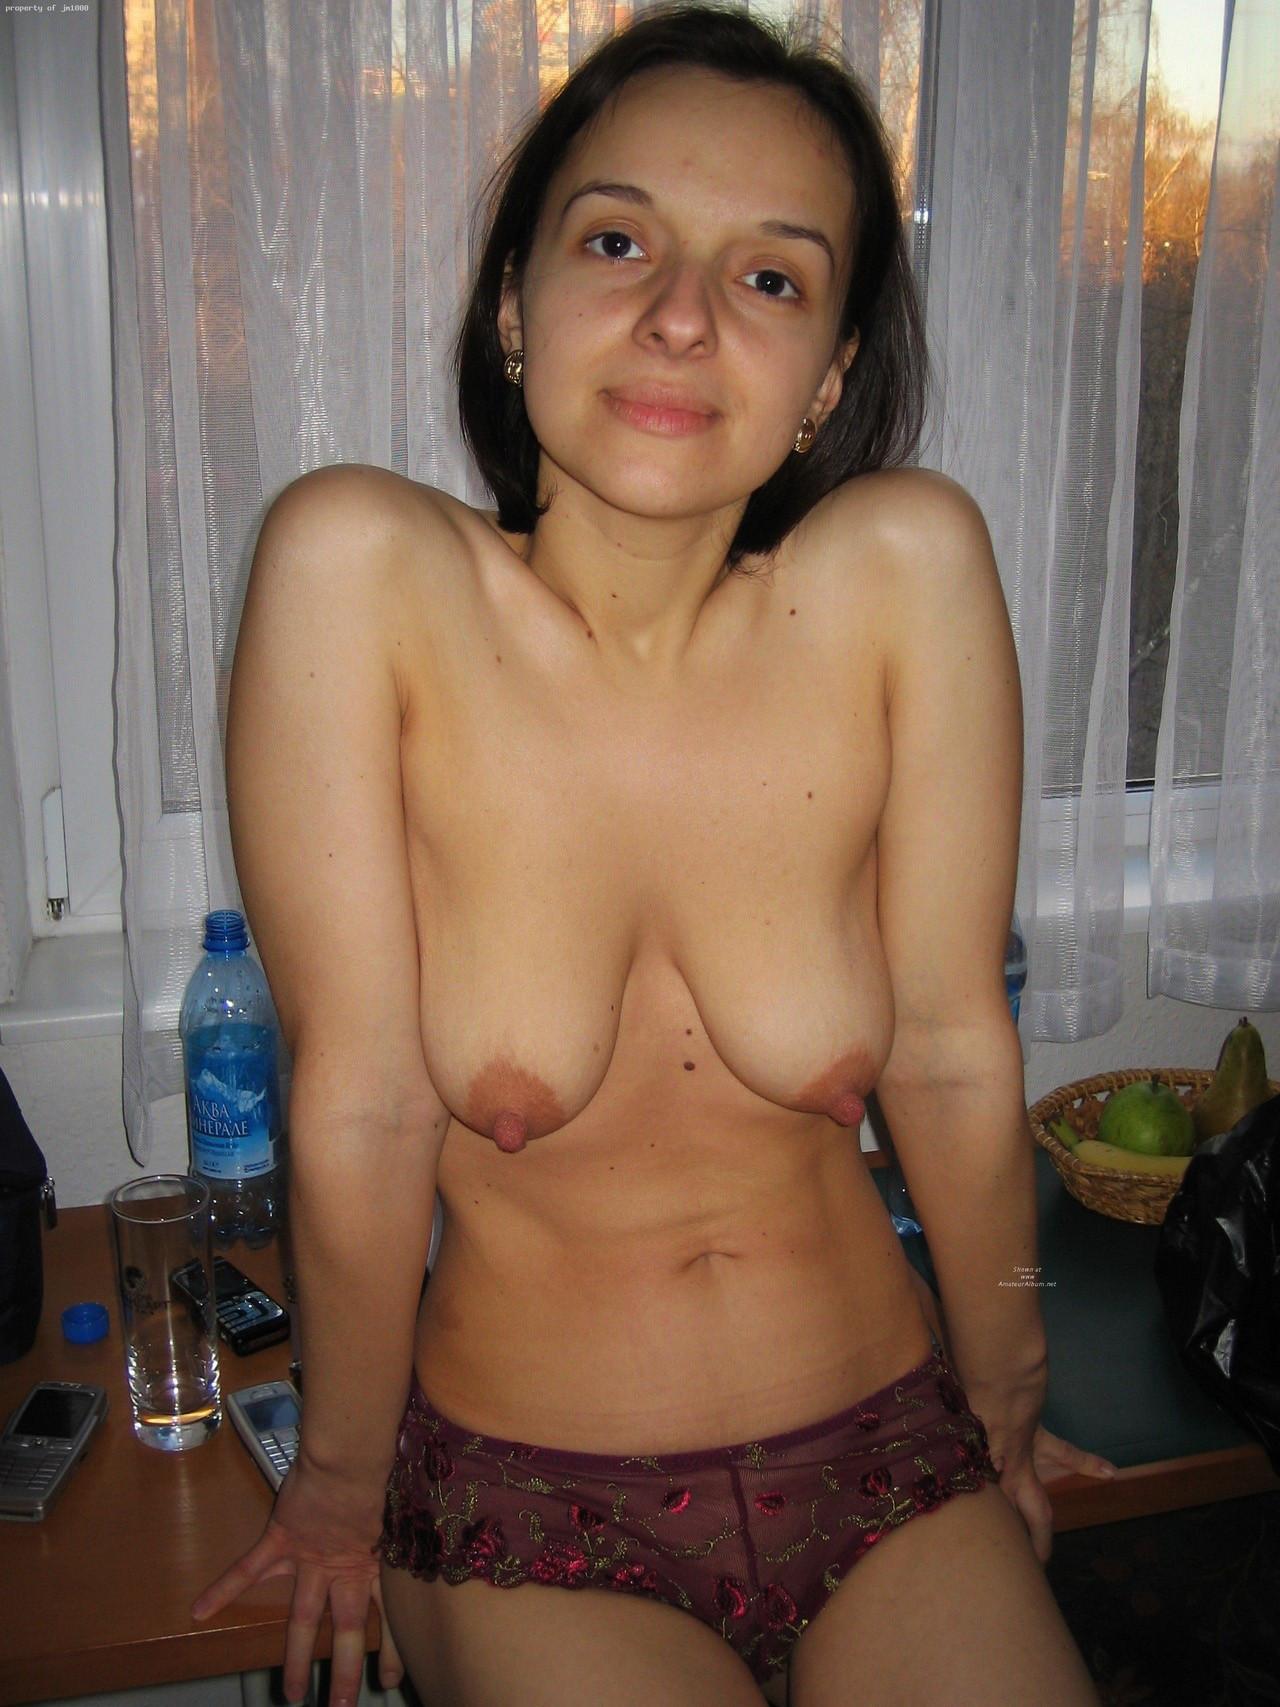 外国人人妻の巨乳垂れ乳おっぱいエロ画像31枚・18枚目の画像